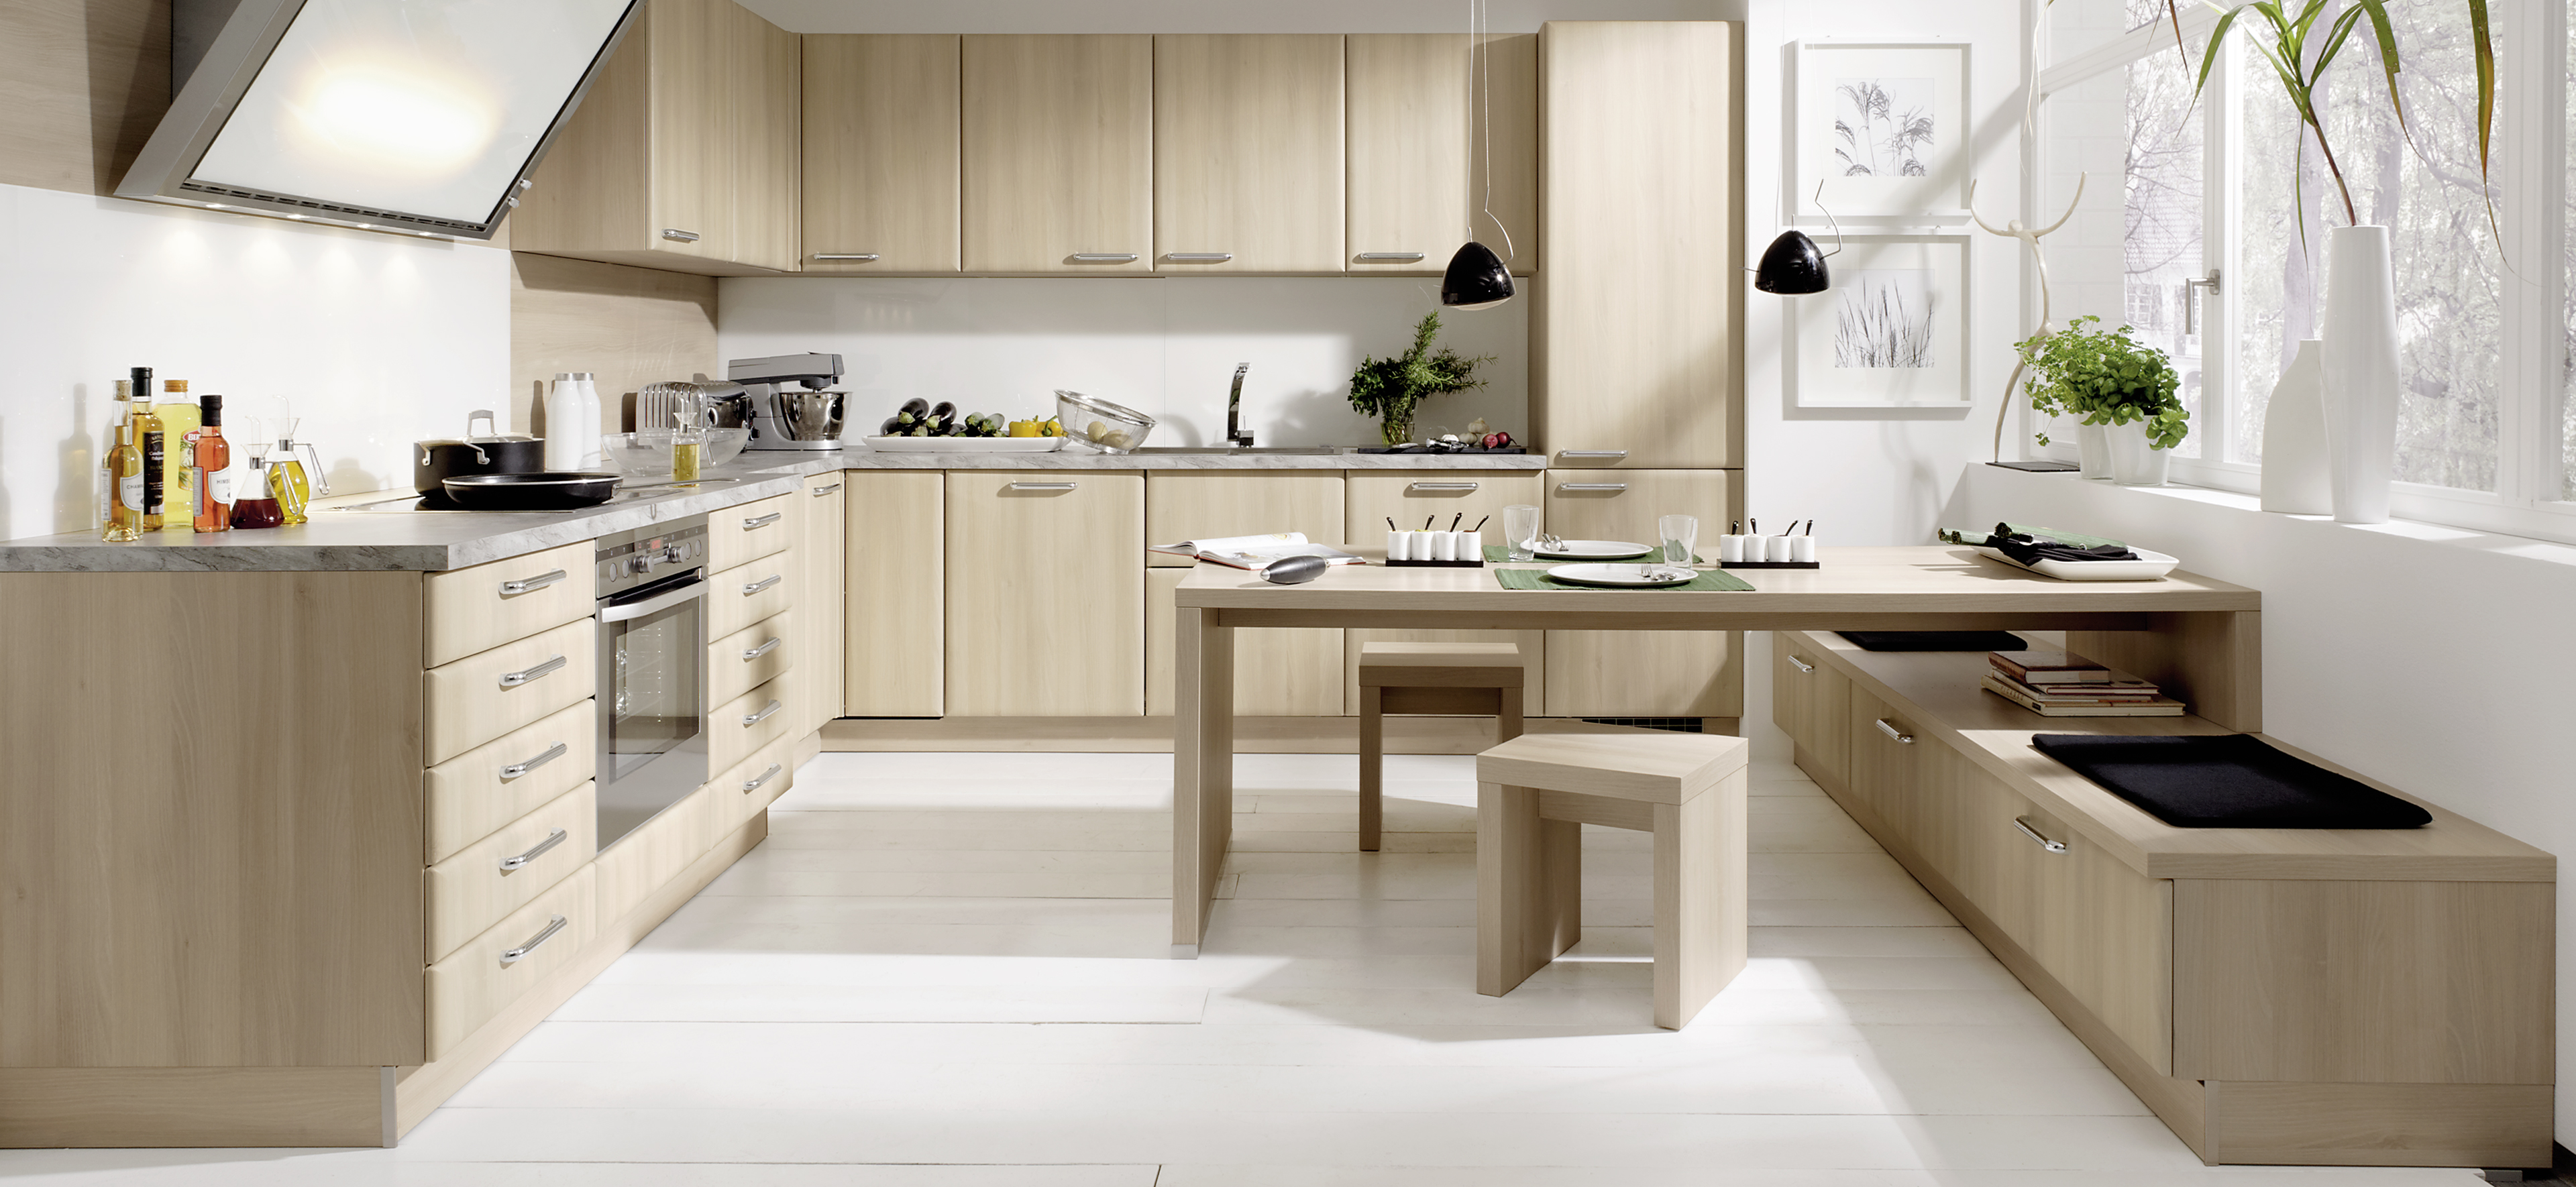 Klassische Landhausküche in heller Holzoptik